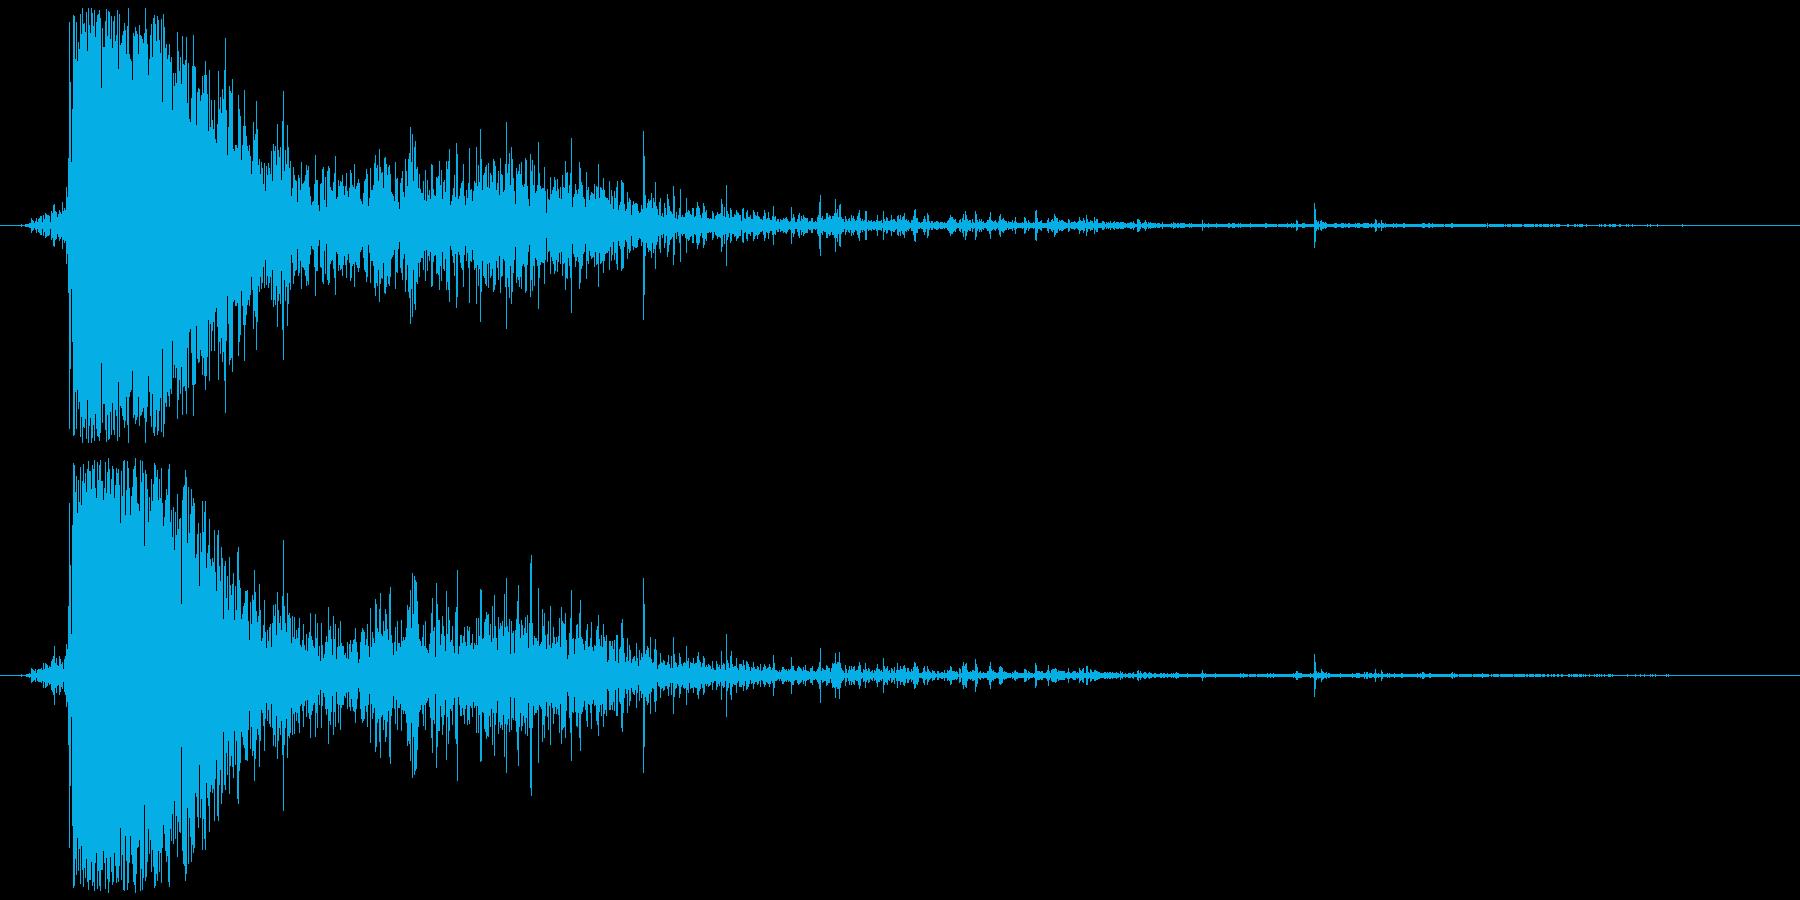 血しぶき (血が散る) ビシャッの再生済みの波形